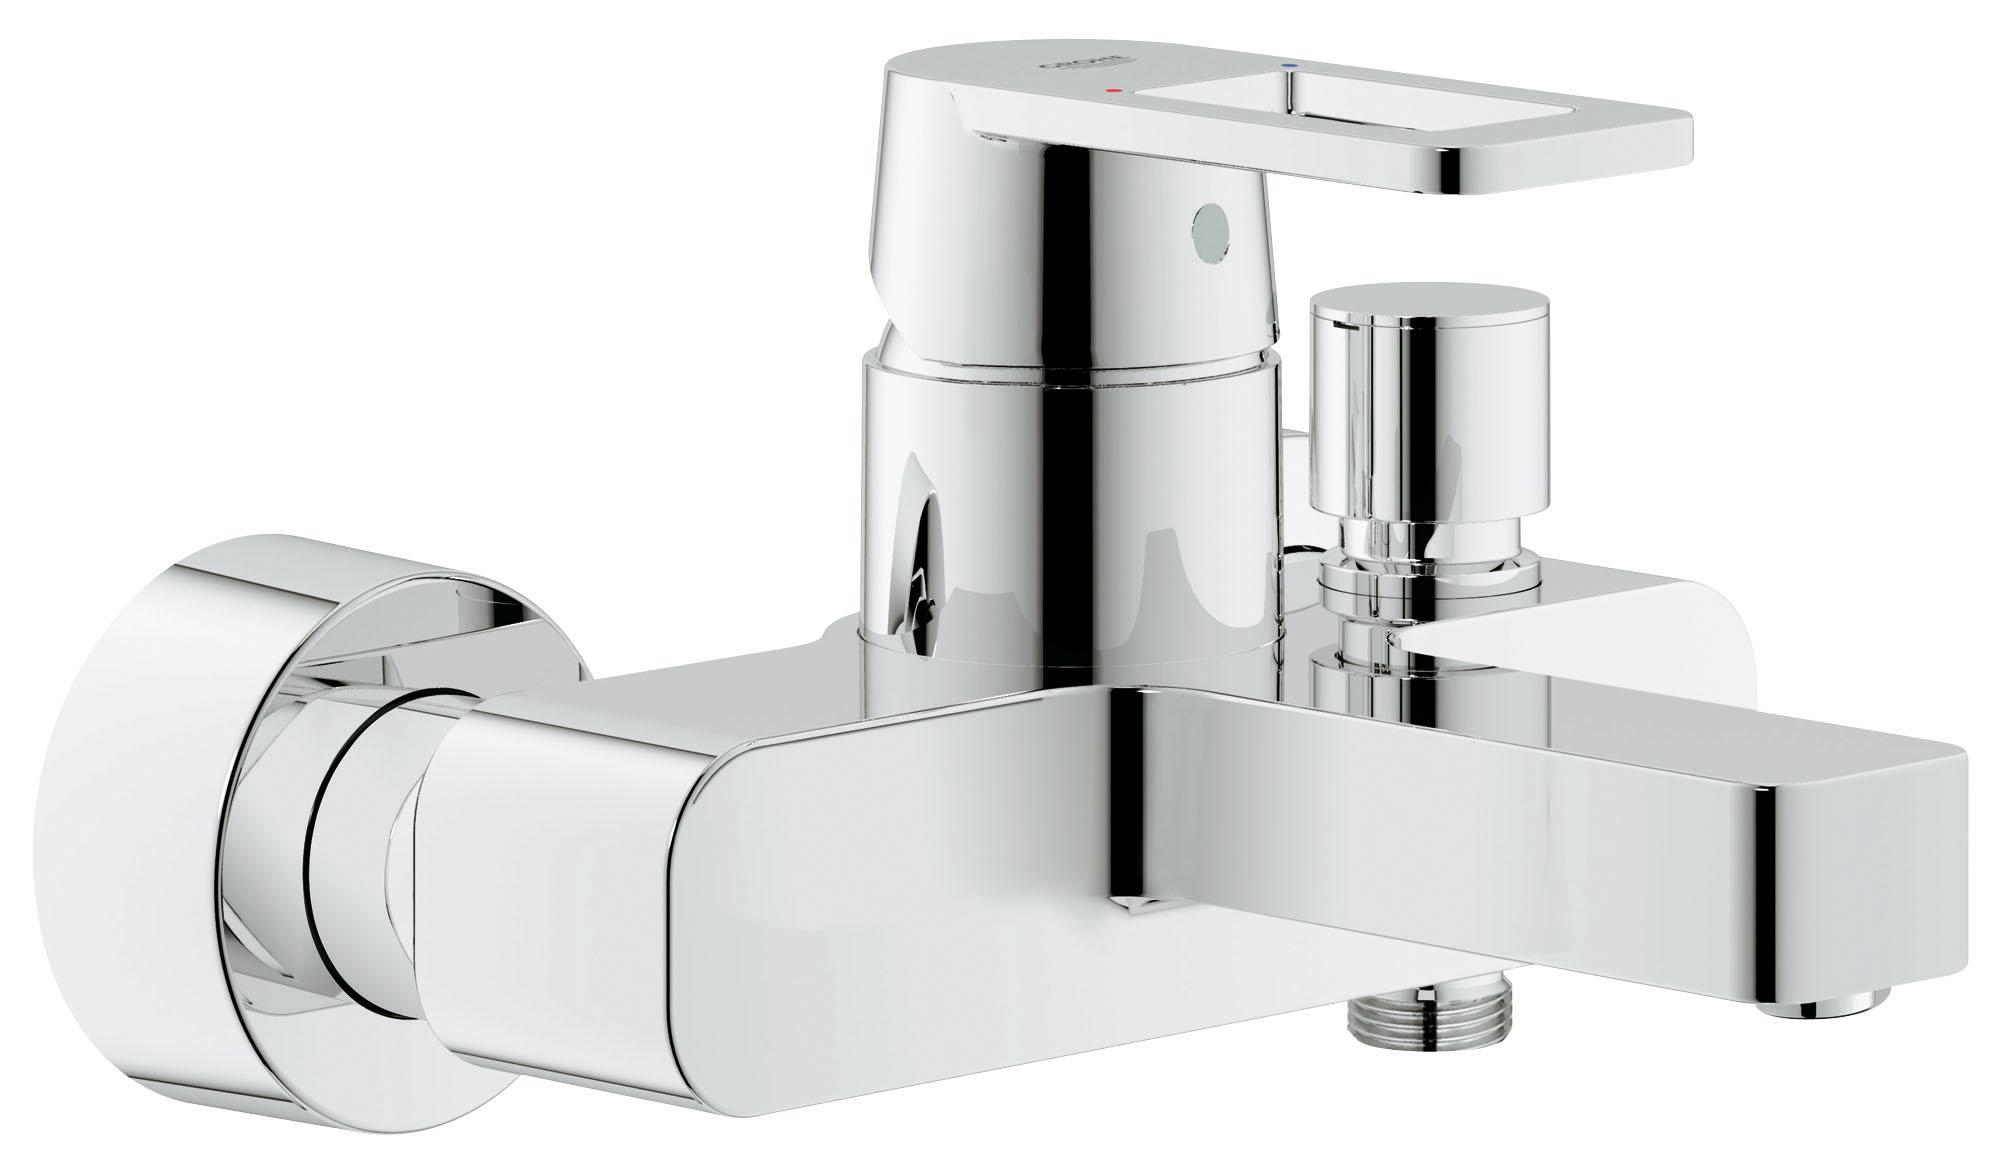 Смеситель для ванны GROHE Quadra (32638000)32638000Настенный монтаж GROHE SilkMove керамический картридж O 46 мм GROHE StarLight хромированная поверхность Регулировка расхода воды Автоматический переключатель: ванна/душ Аэратор Отвод для душа снизу 1/2? со встроенным обратным клапаном Скрытые S-образные эксцентрики С защитой от обратного потока Видео по установке является исключительно информационным. Установка должна проводиться профессионалами!